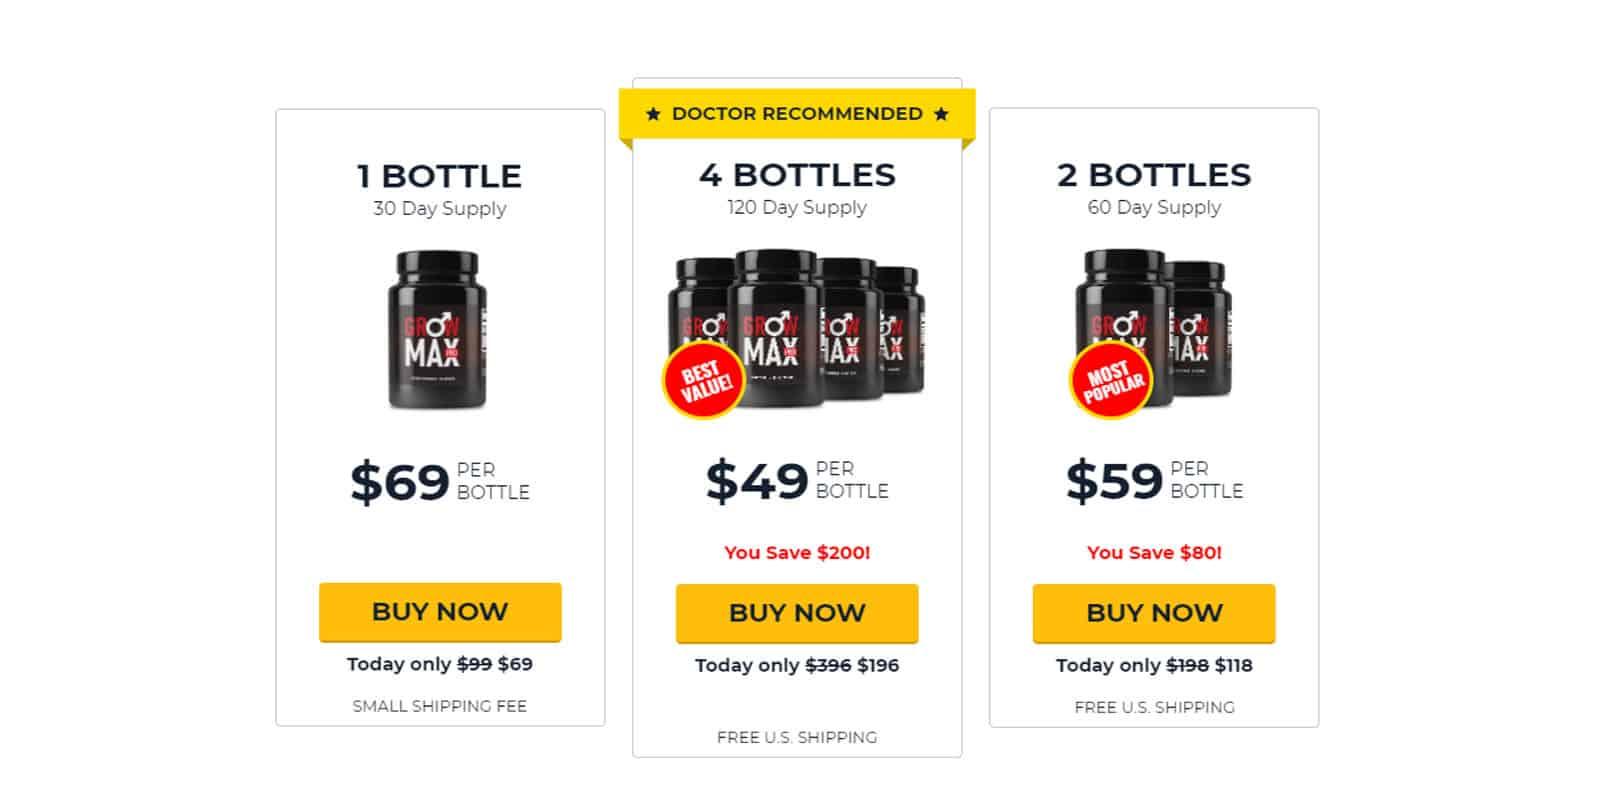 Grow Max Pro Prices